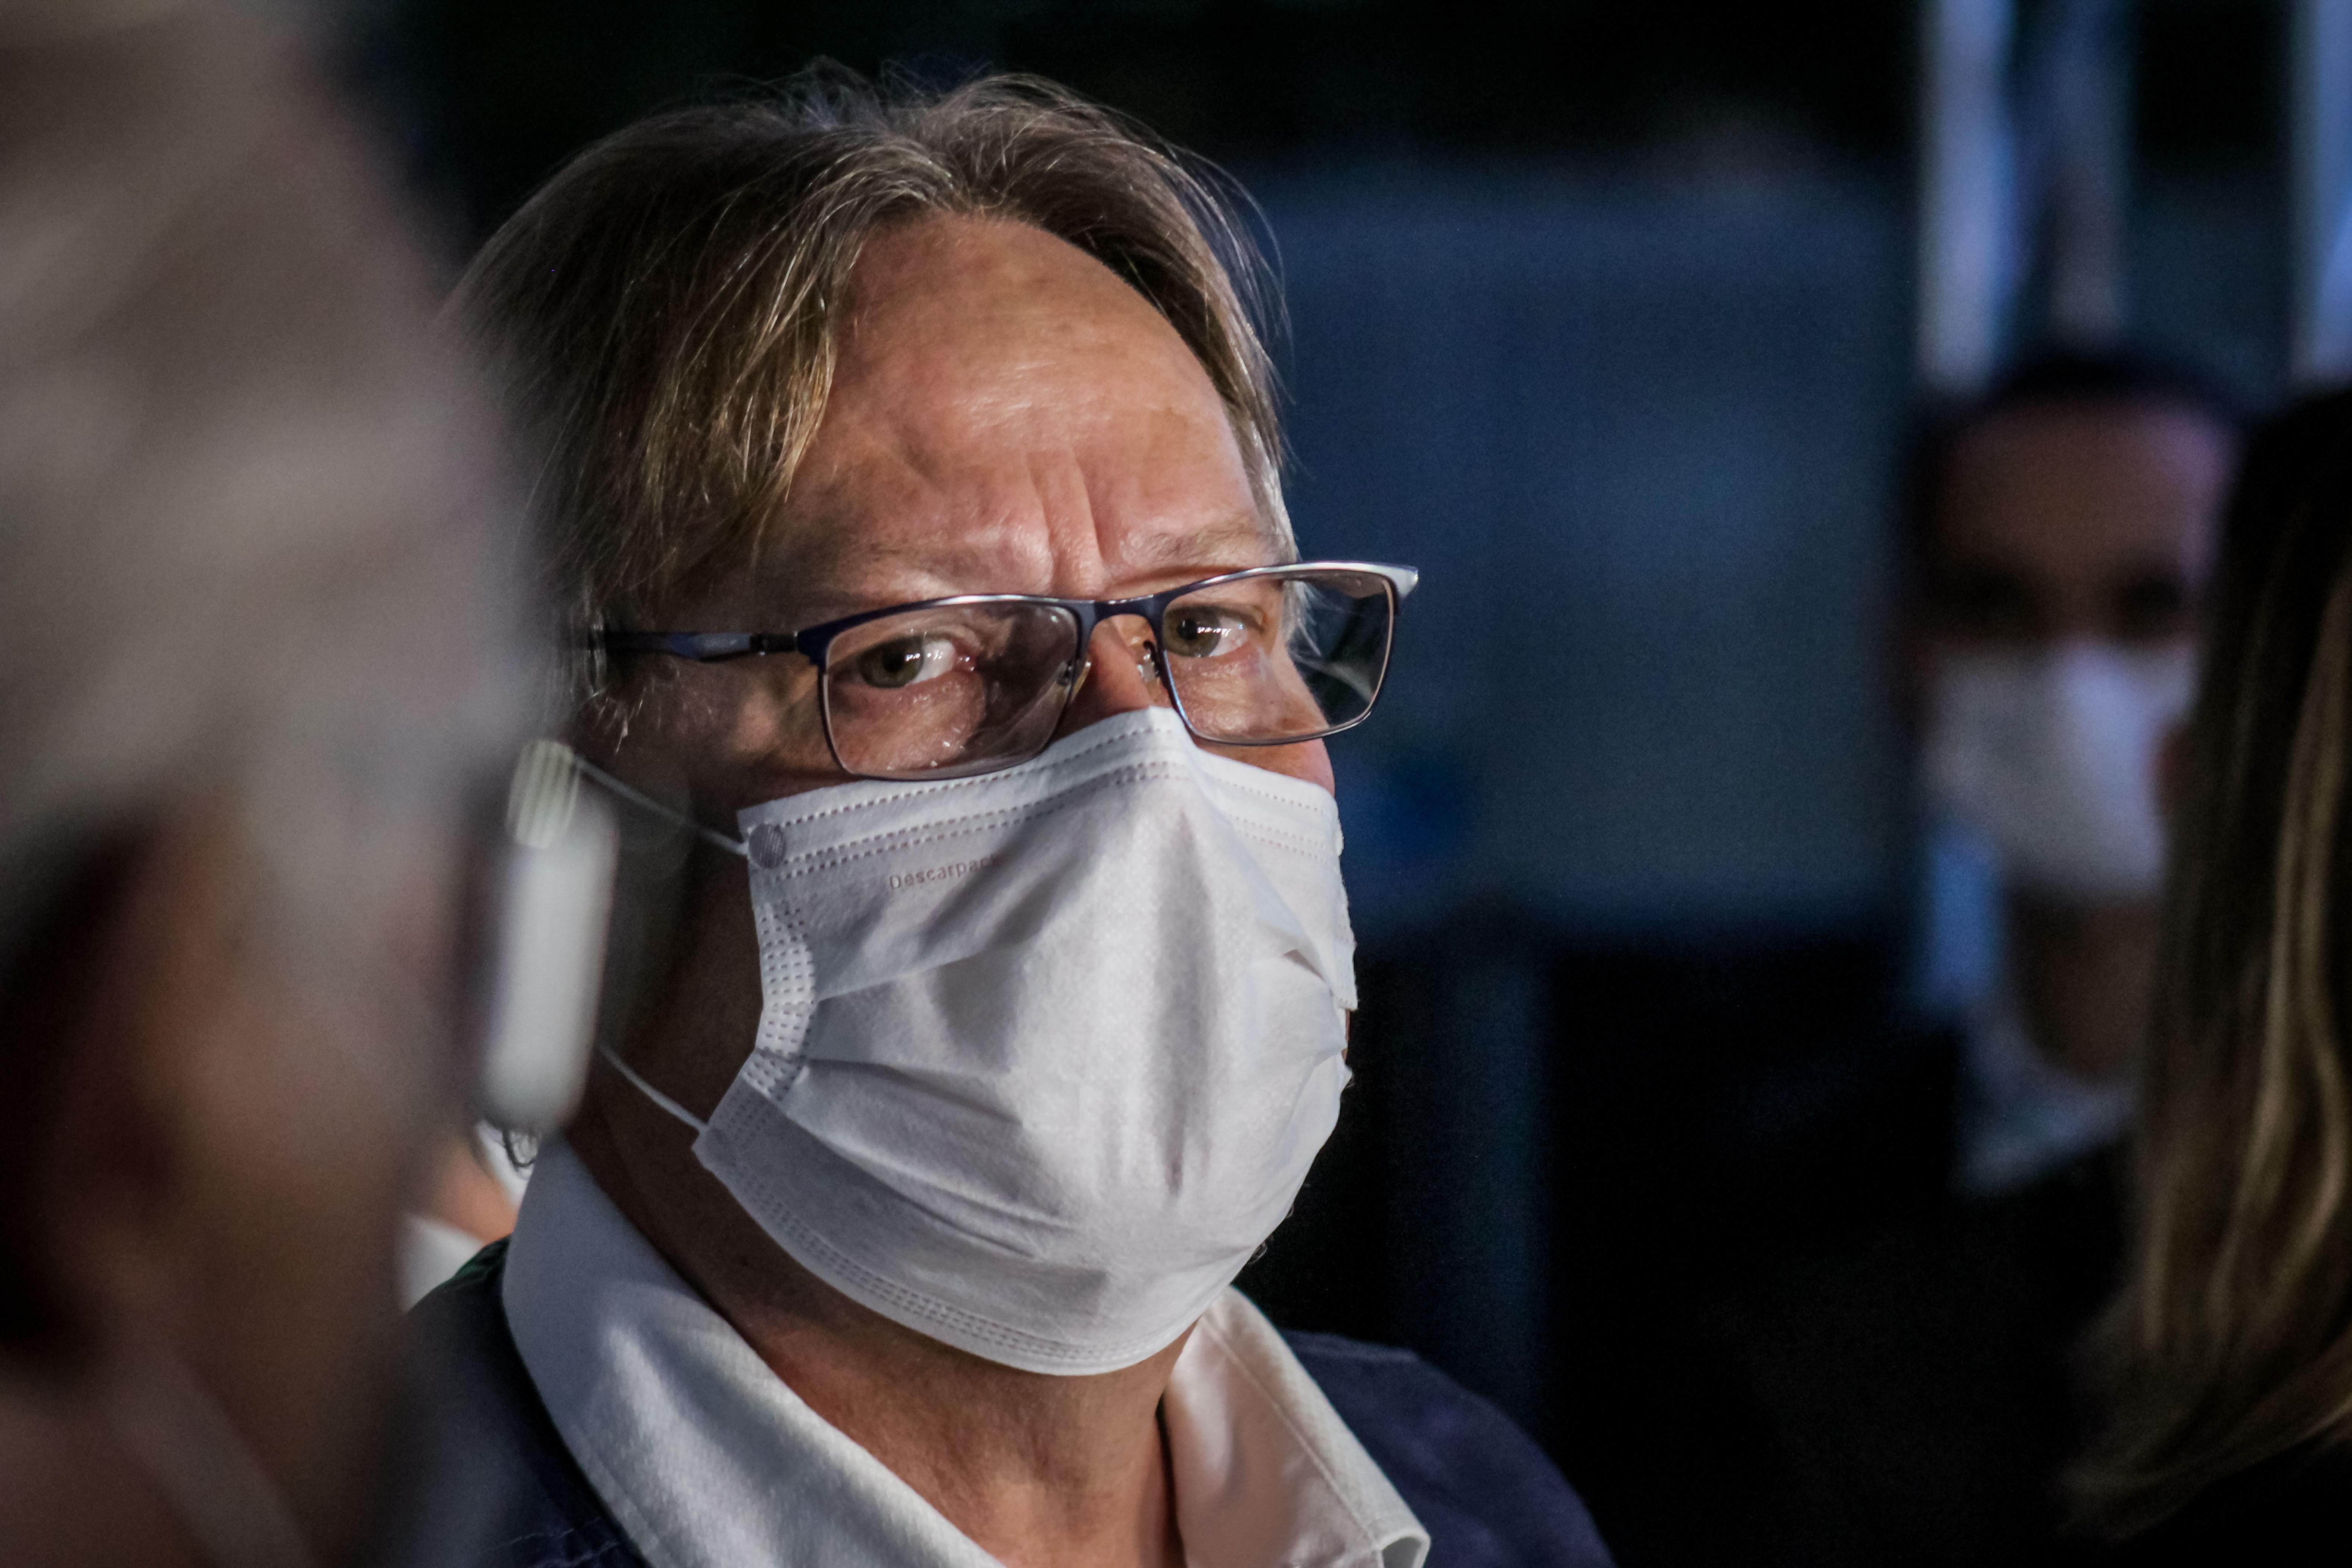 Secretário de Saúde de MT deve passar por mais exames para confirmar reinfecção de coronavírus